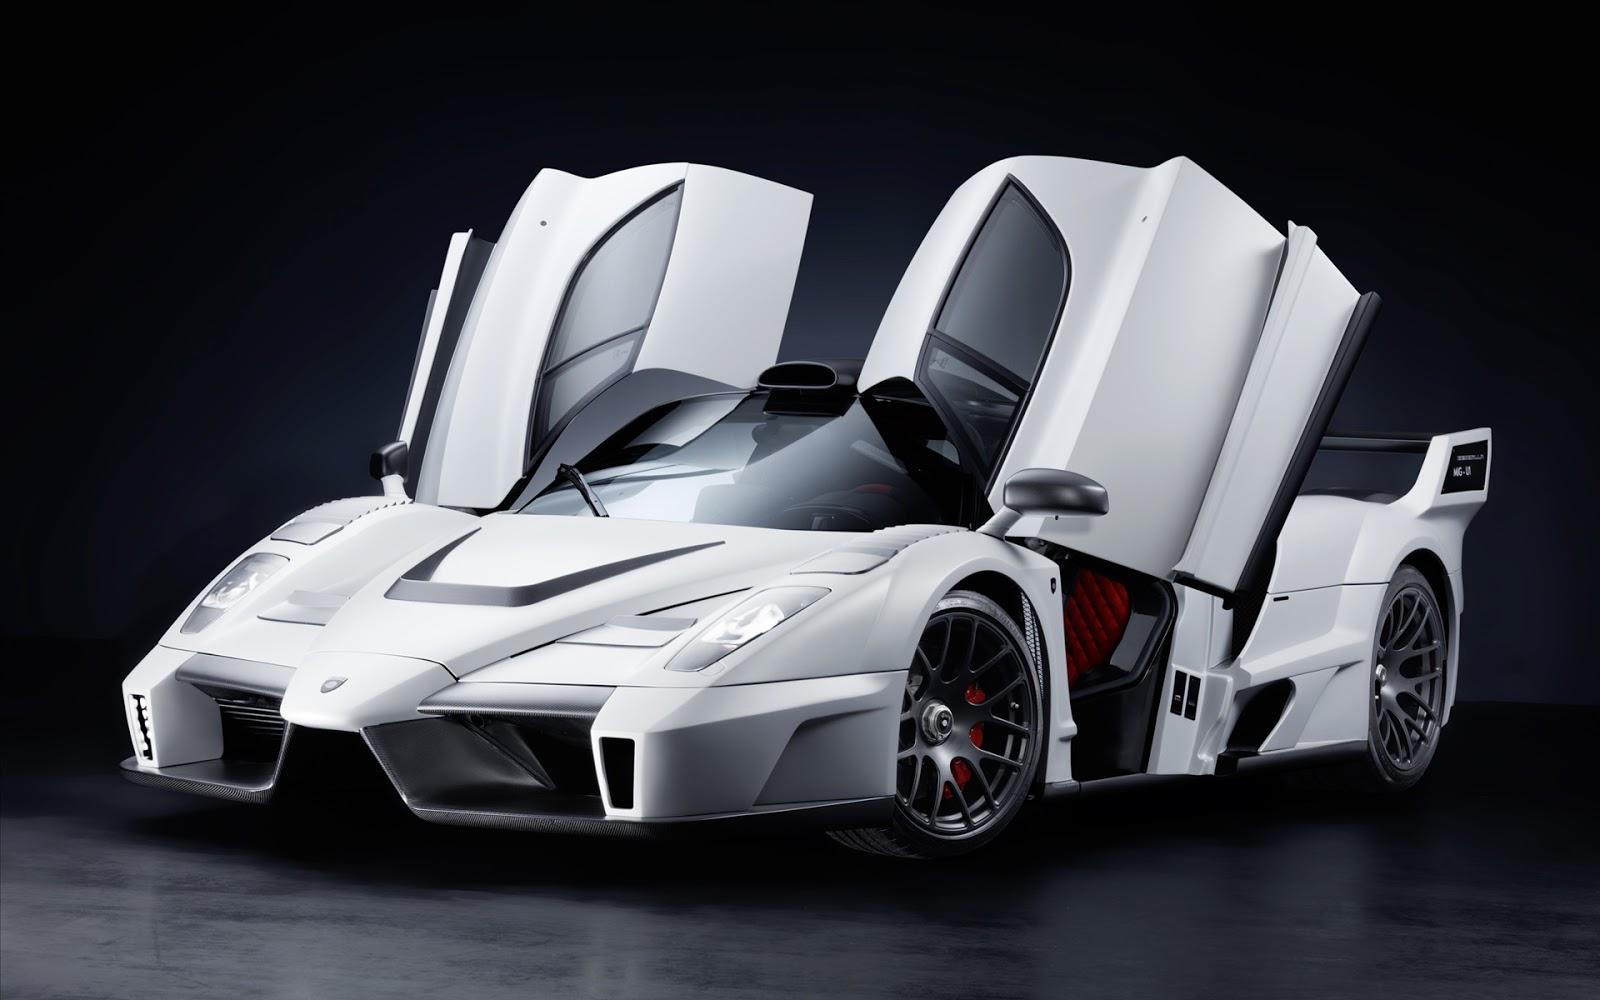 gemballa mig u1 ferrari enzo 2010 - Ferrari Enzo 2010